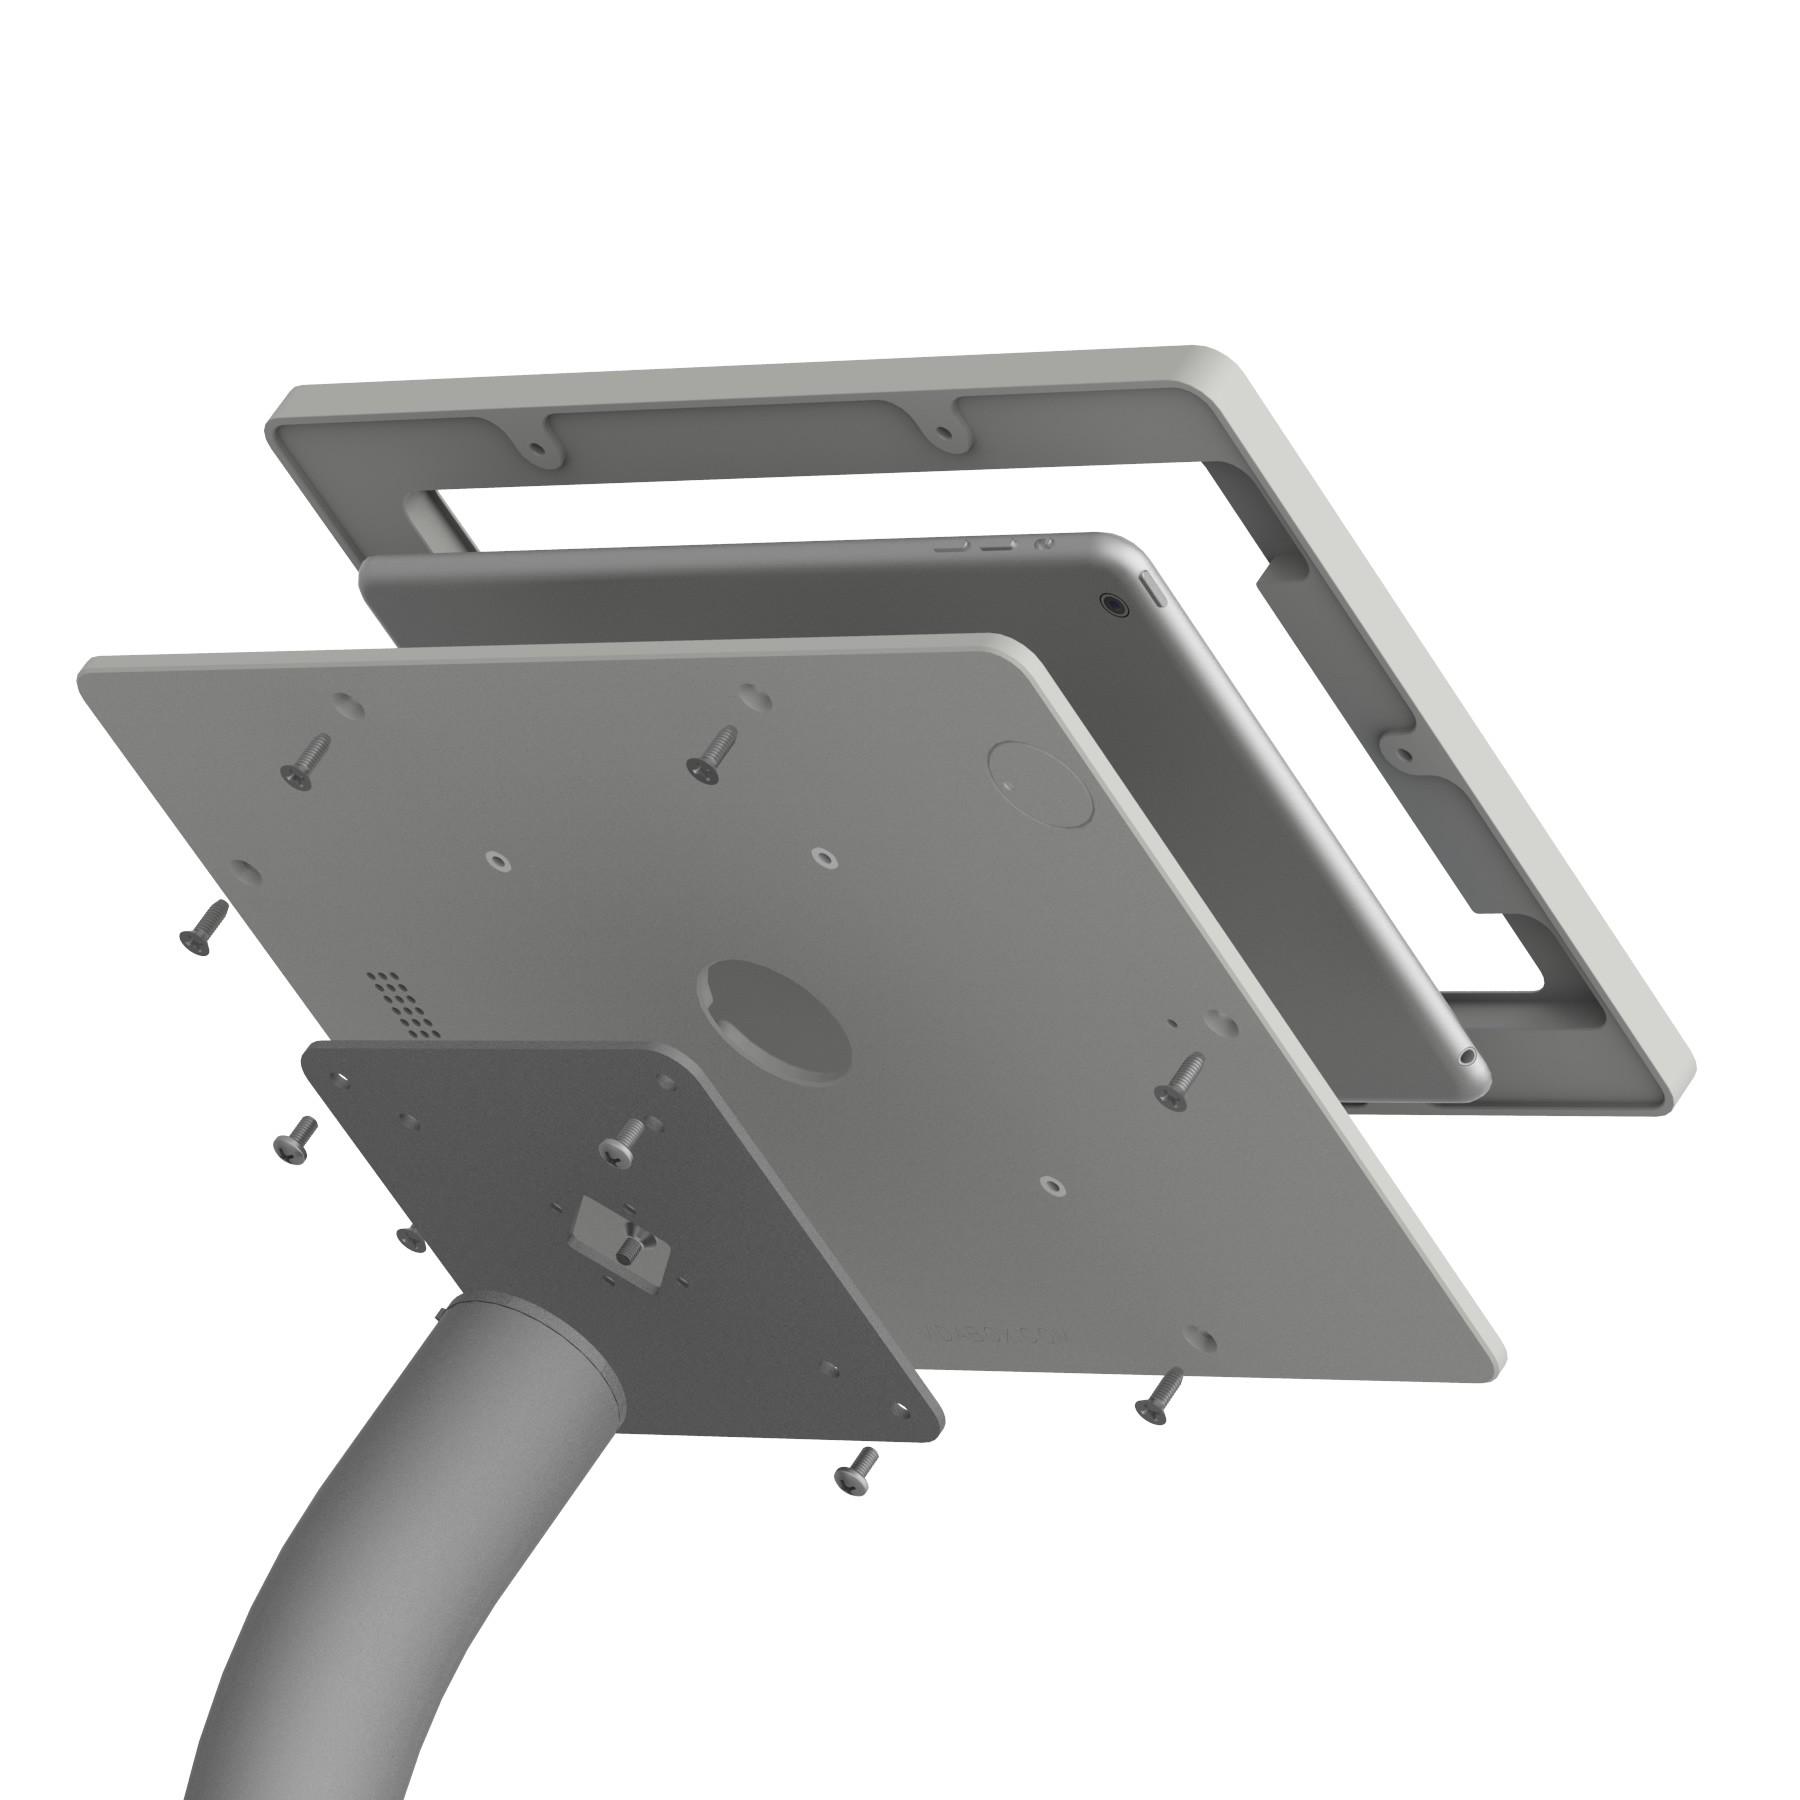 fixed vesa floor stand ipad air 1 u0026 2 97inch ipad pro - Ipad Floor Stand